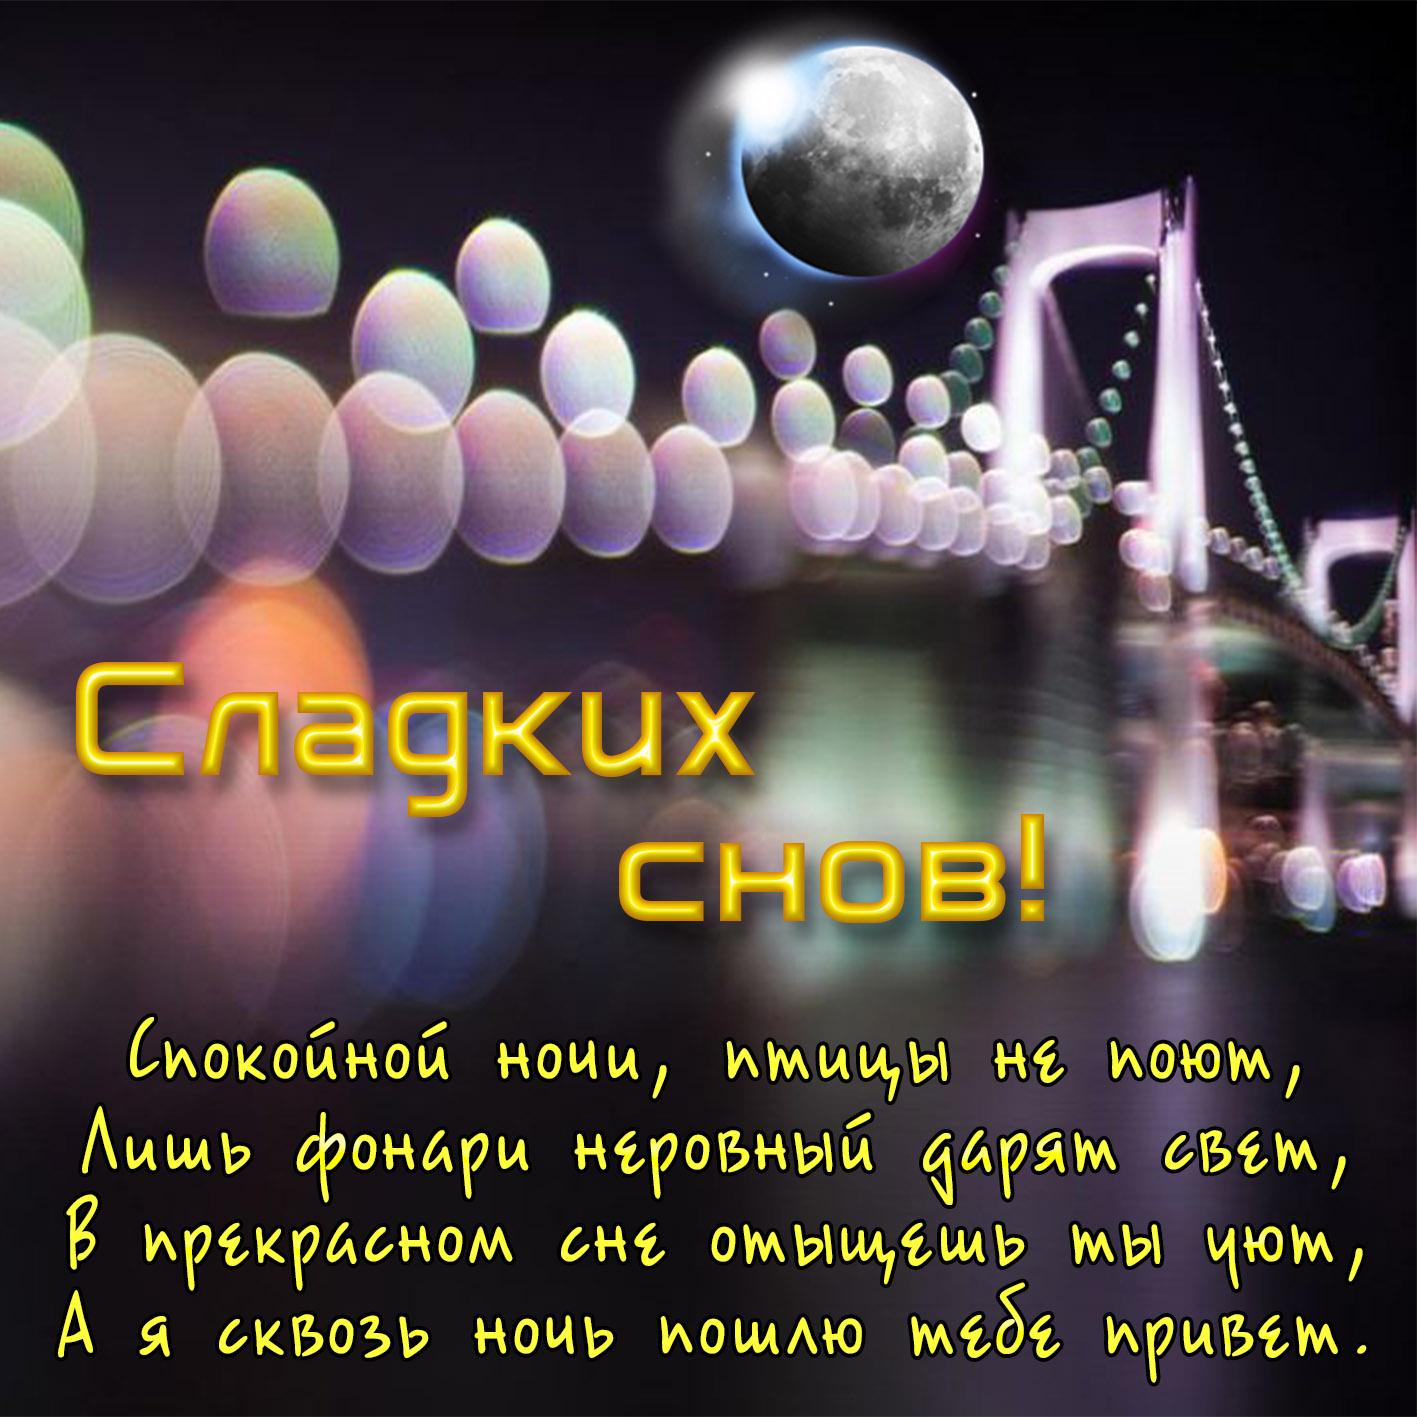 https://kartinki-life.ru/articles/2018/09/29/krasivye-otkrytki-kartinki-s-pozhelaniem-spokoynoy-dobroy-nochi-i-sladkih-snov-chast-3-aya-2.jpg